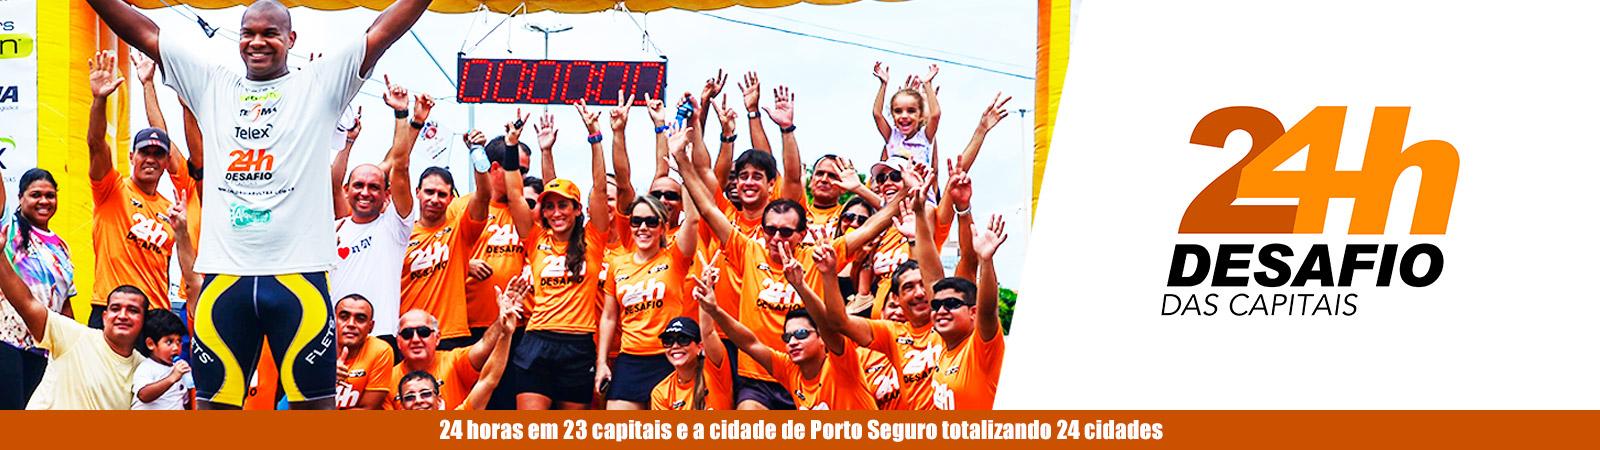 DESAFIO 24 HORAS DAS CAPITAIS - ETAPA PORTO ALEGRE/RS - Imagem de topo